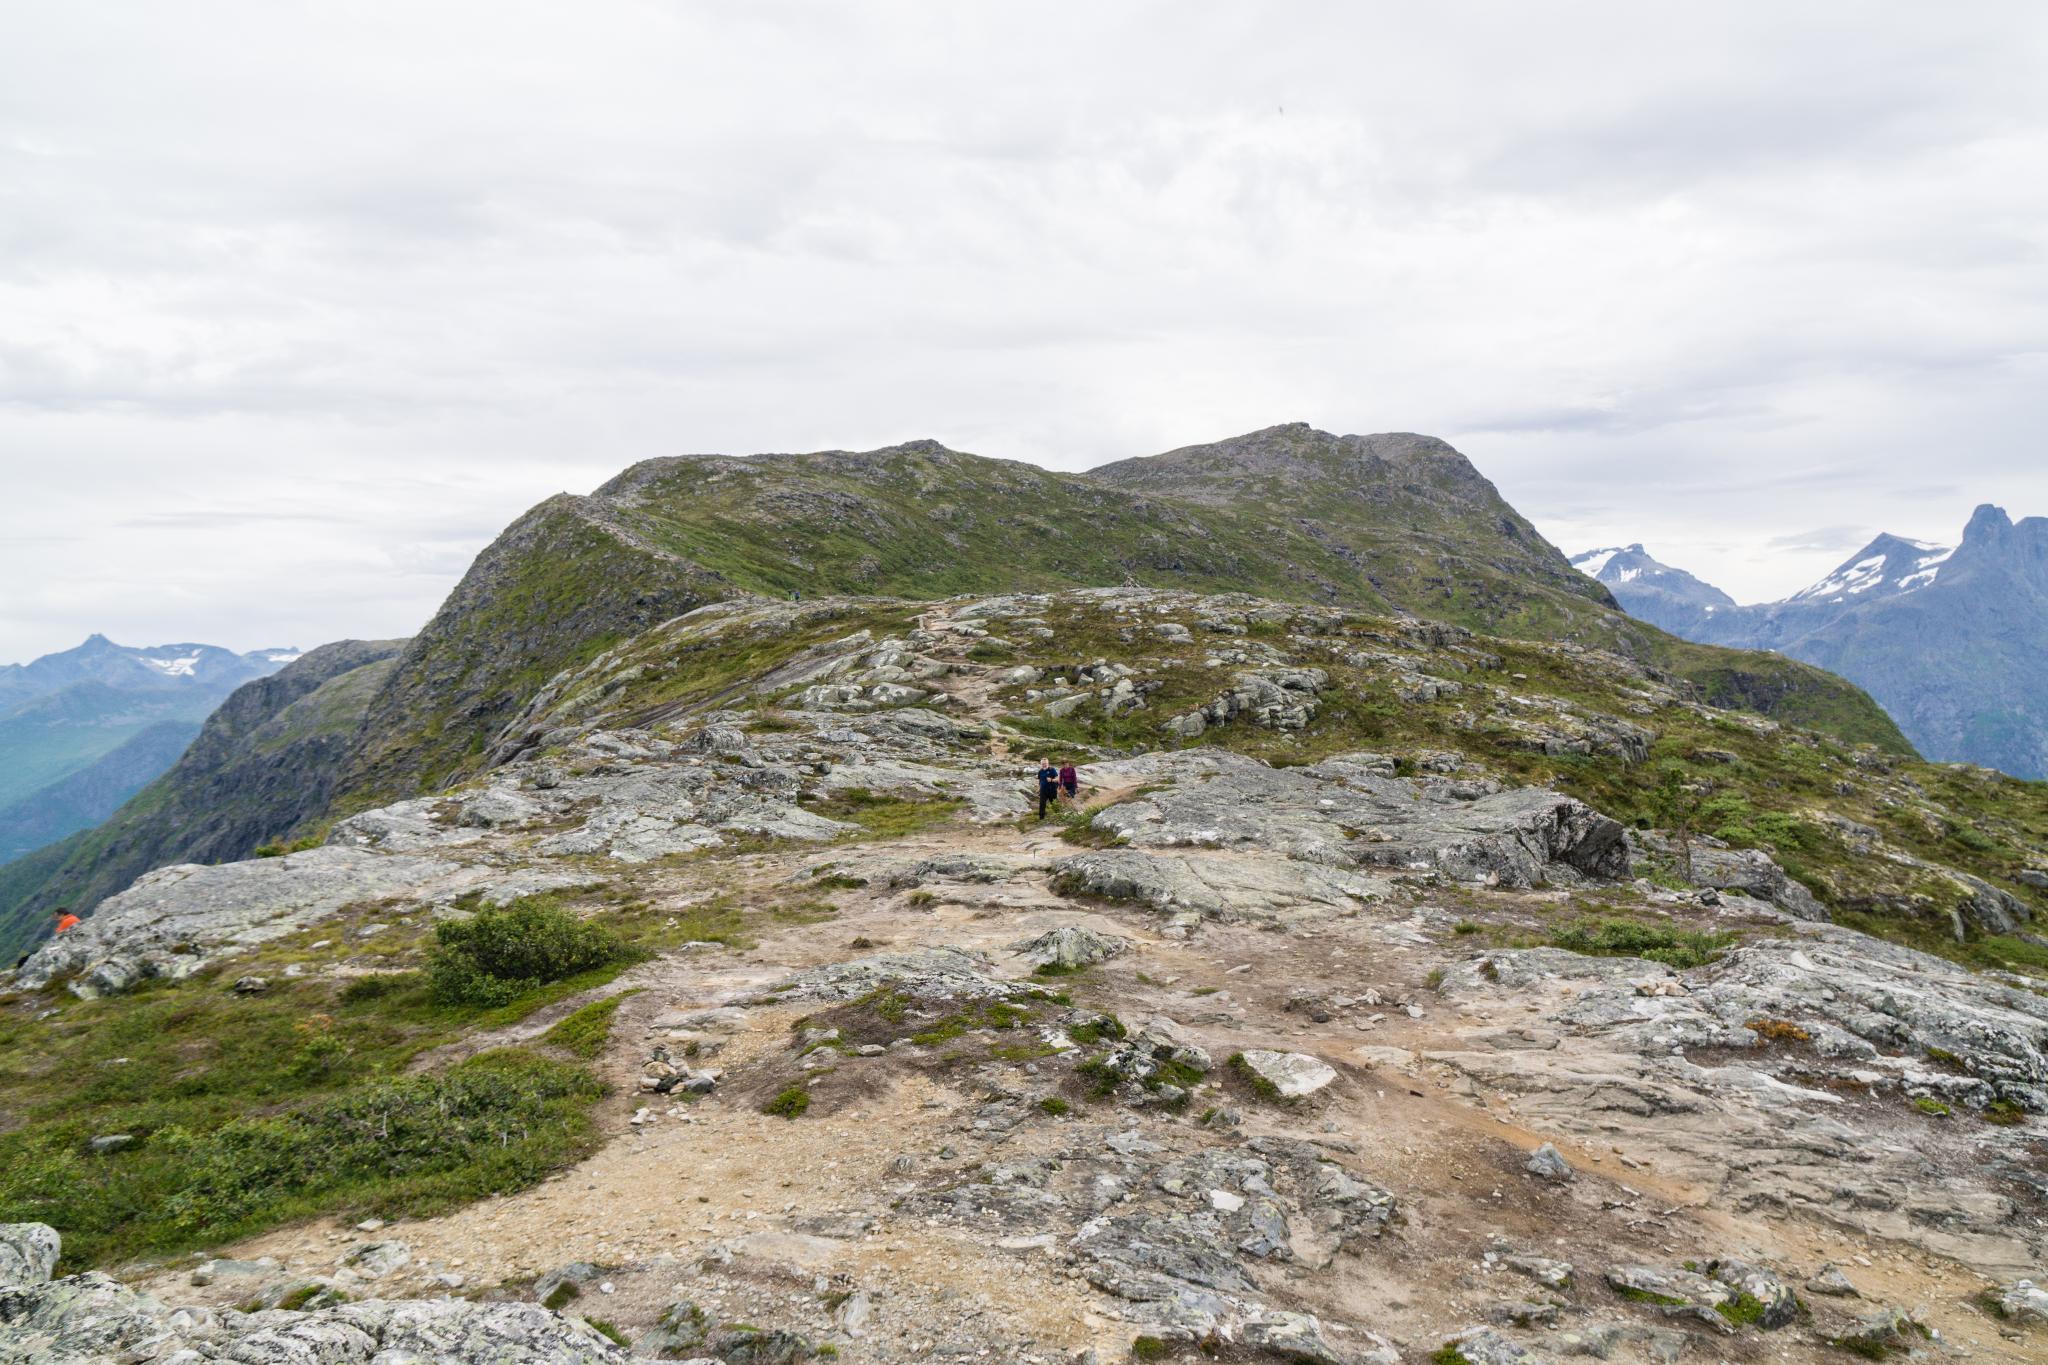 【北歐景點】峽灣區起點Åndalsnes健行 - 鳥瞰峽灣全景的Rampestreken觀景台 27